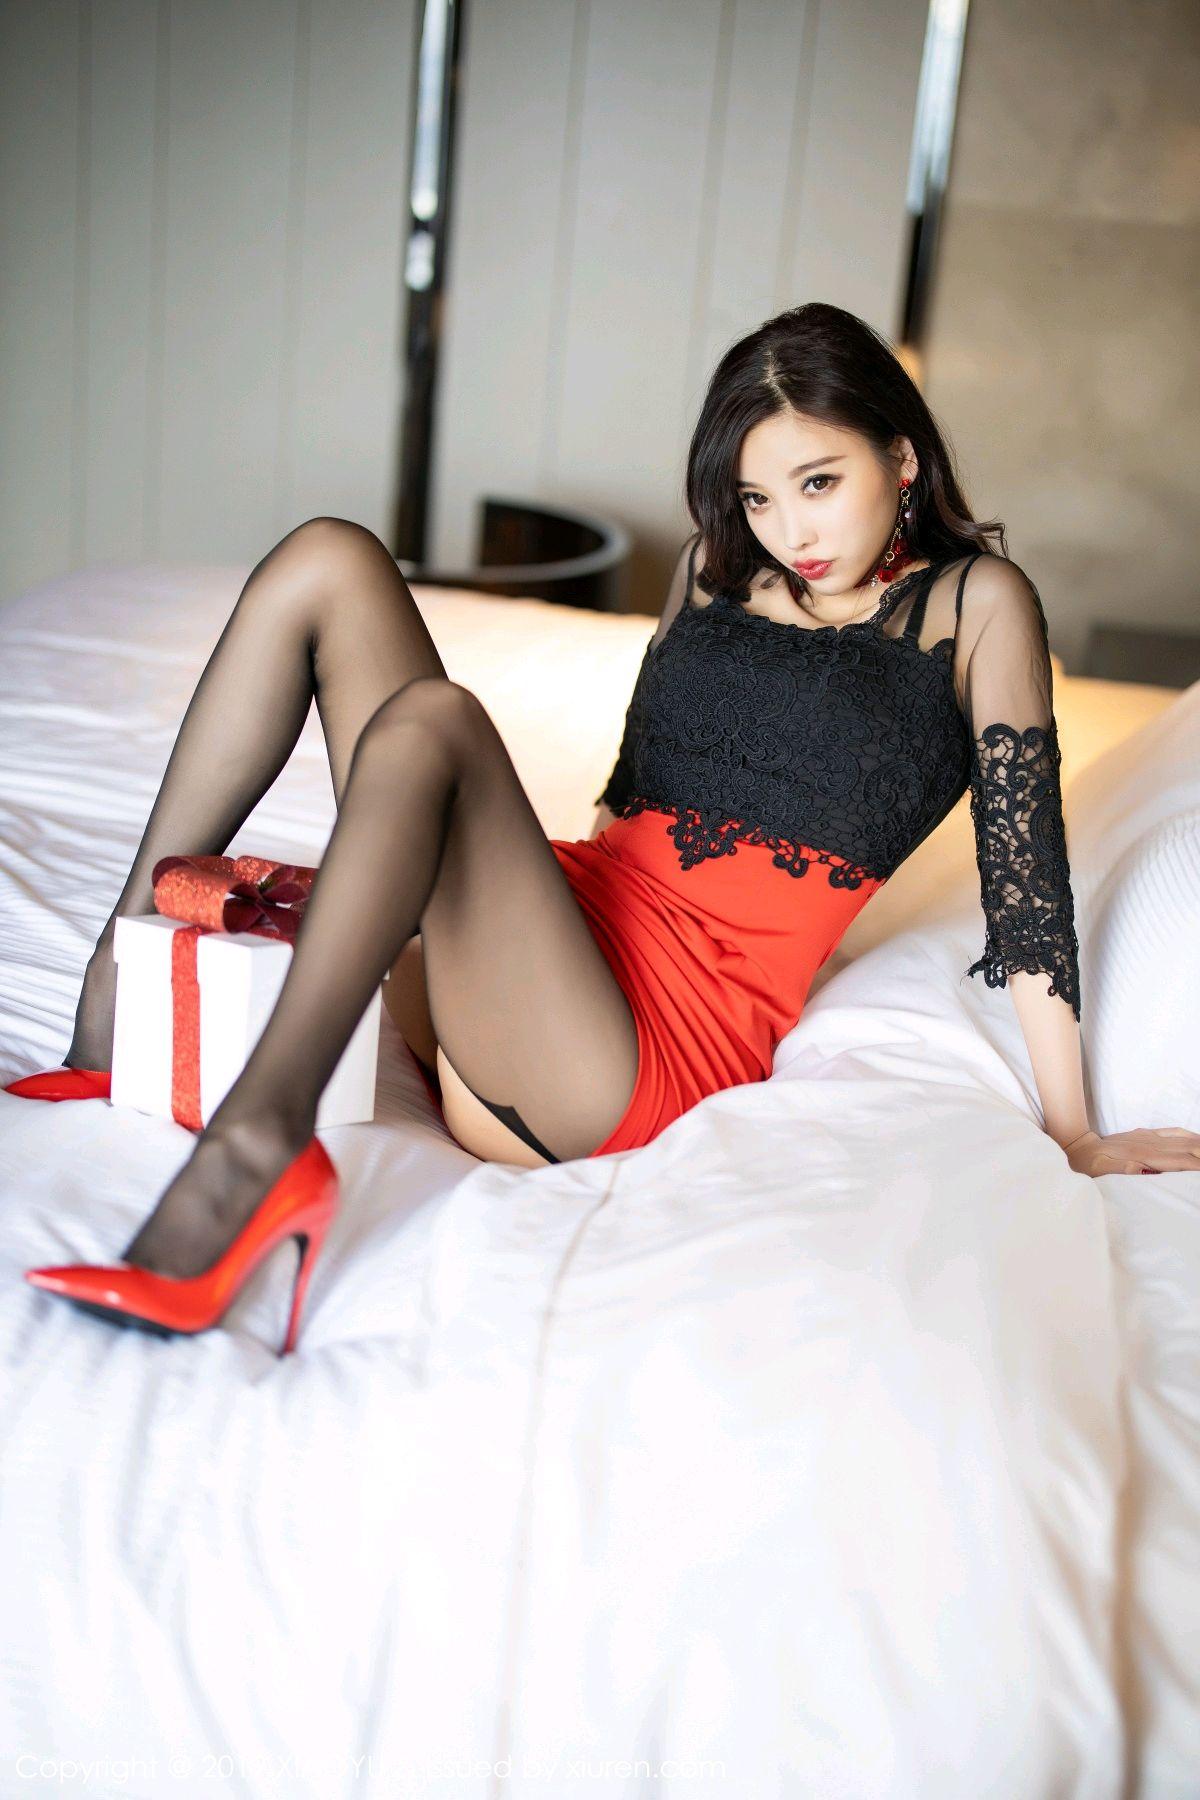 [XiaoYu] Vol.225 Yang Chen Chen 50P, Christmas, Underwear, XiaoYu, Yang Chen Chen